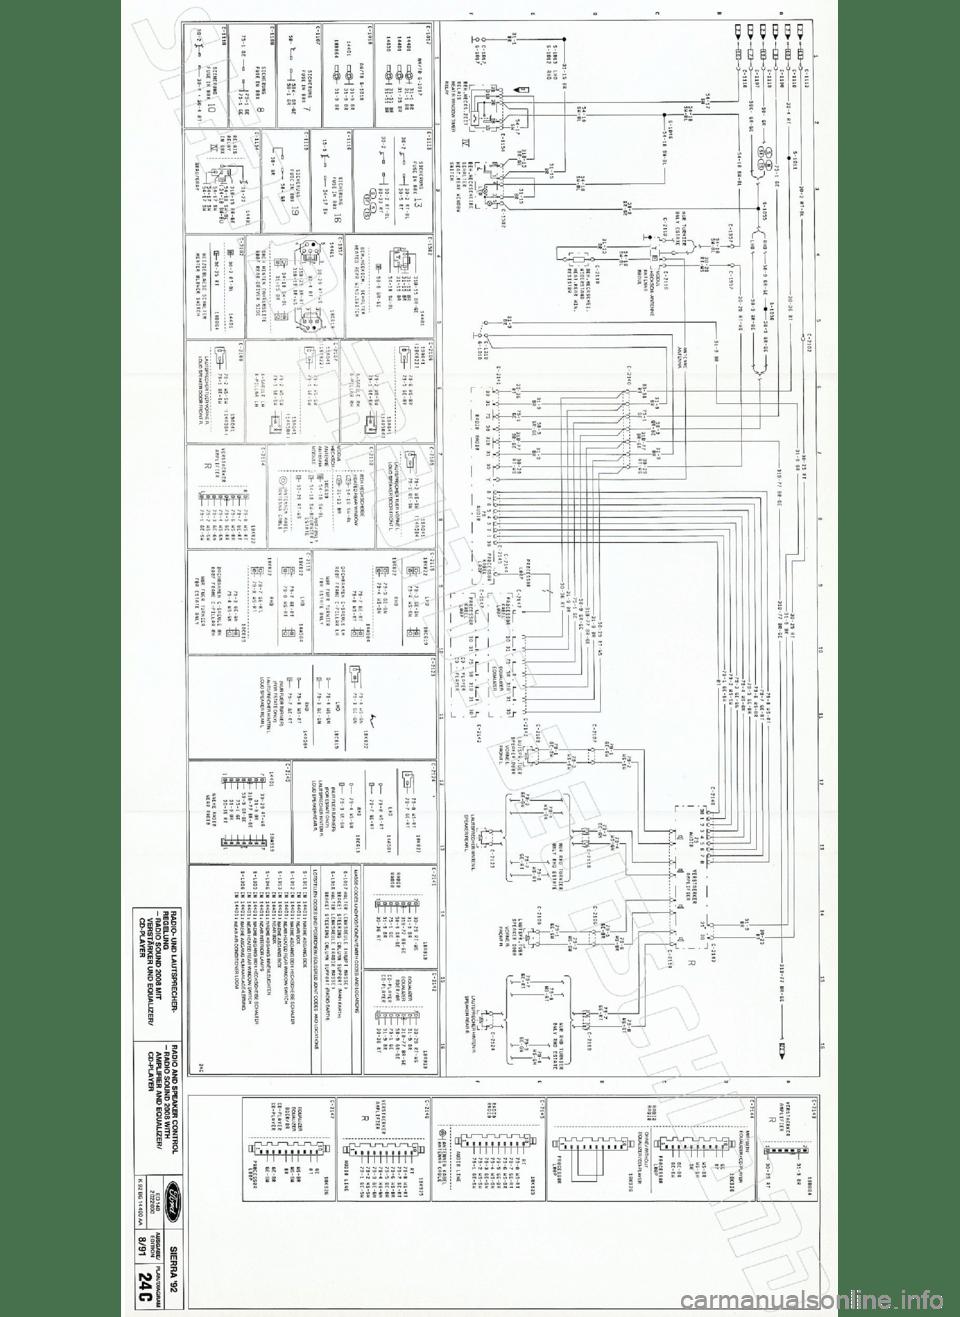 FORD SIERRA 1992 2.G Wiring Diagrams Workshop Manual